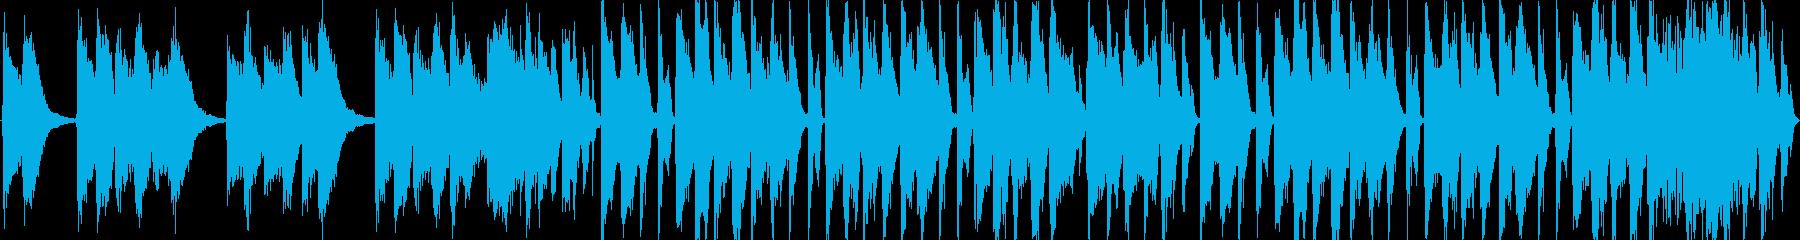 【ポップピアノ×ブレイクビート】の再生済みの波形